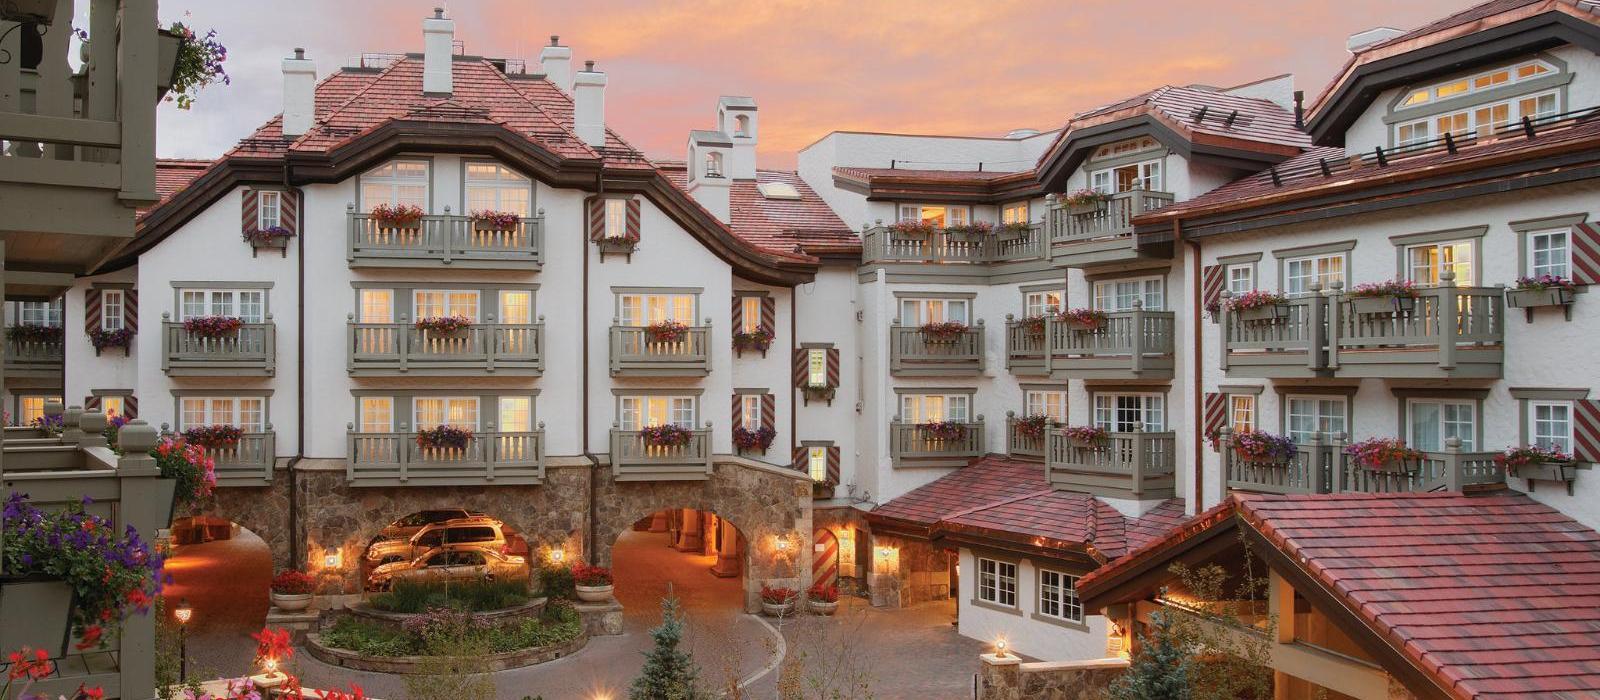 桑能纳波酒店(Sonnenalp Hotel) 图片  www.lhw.cn